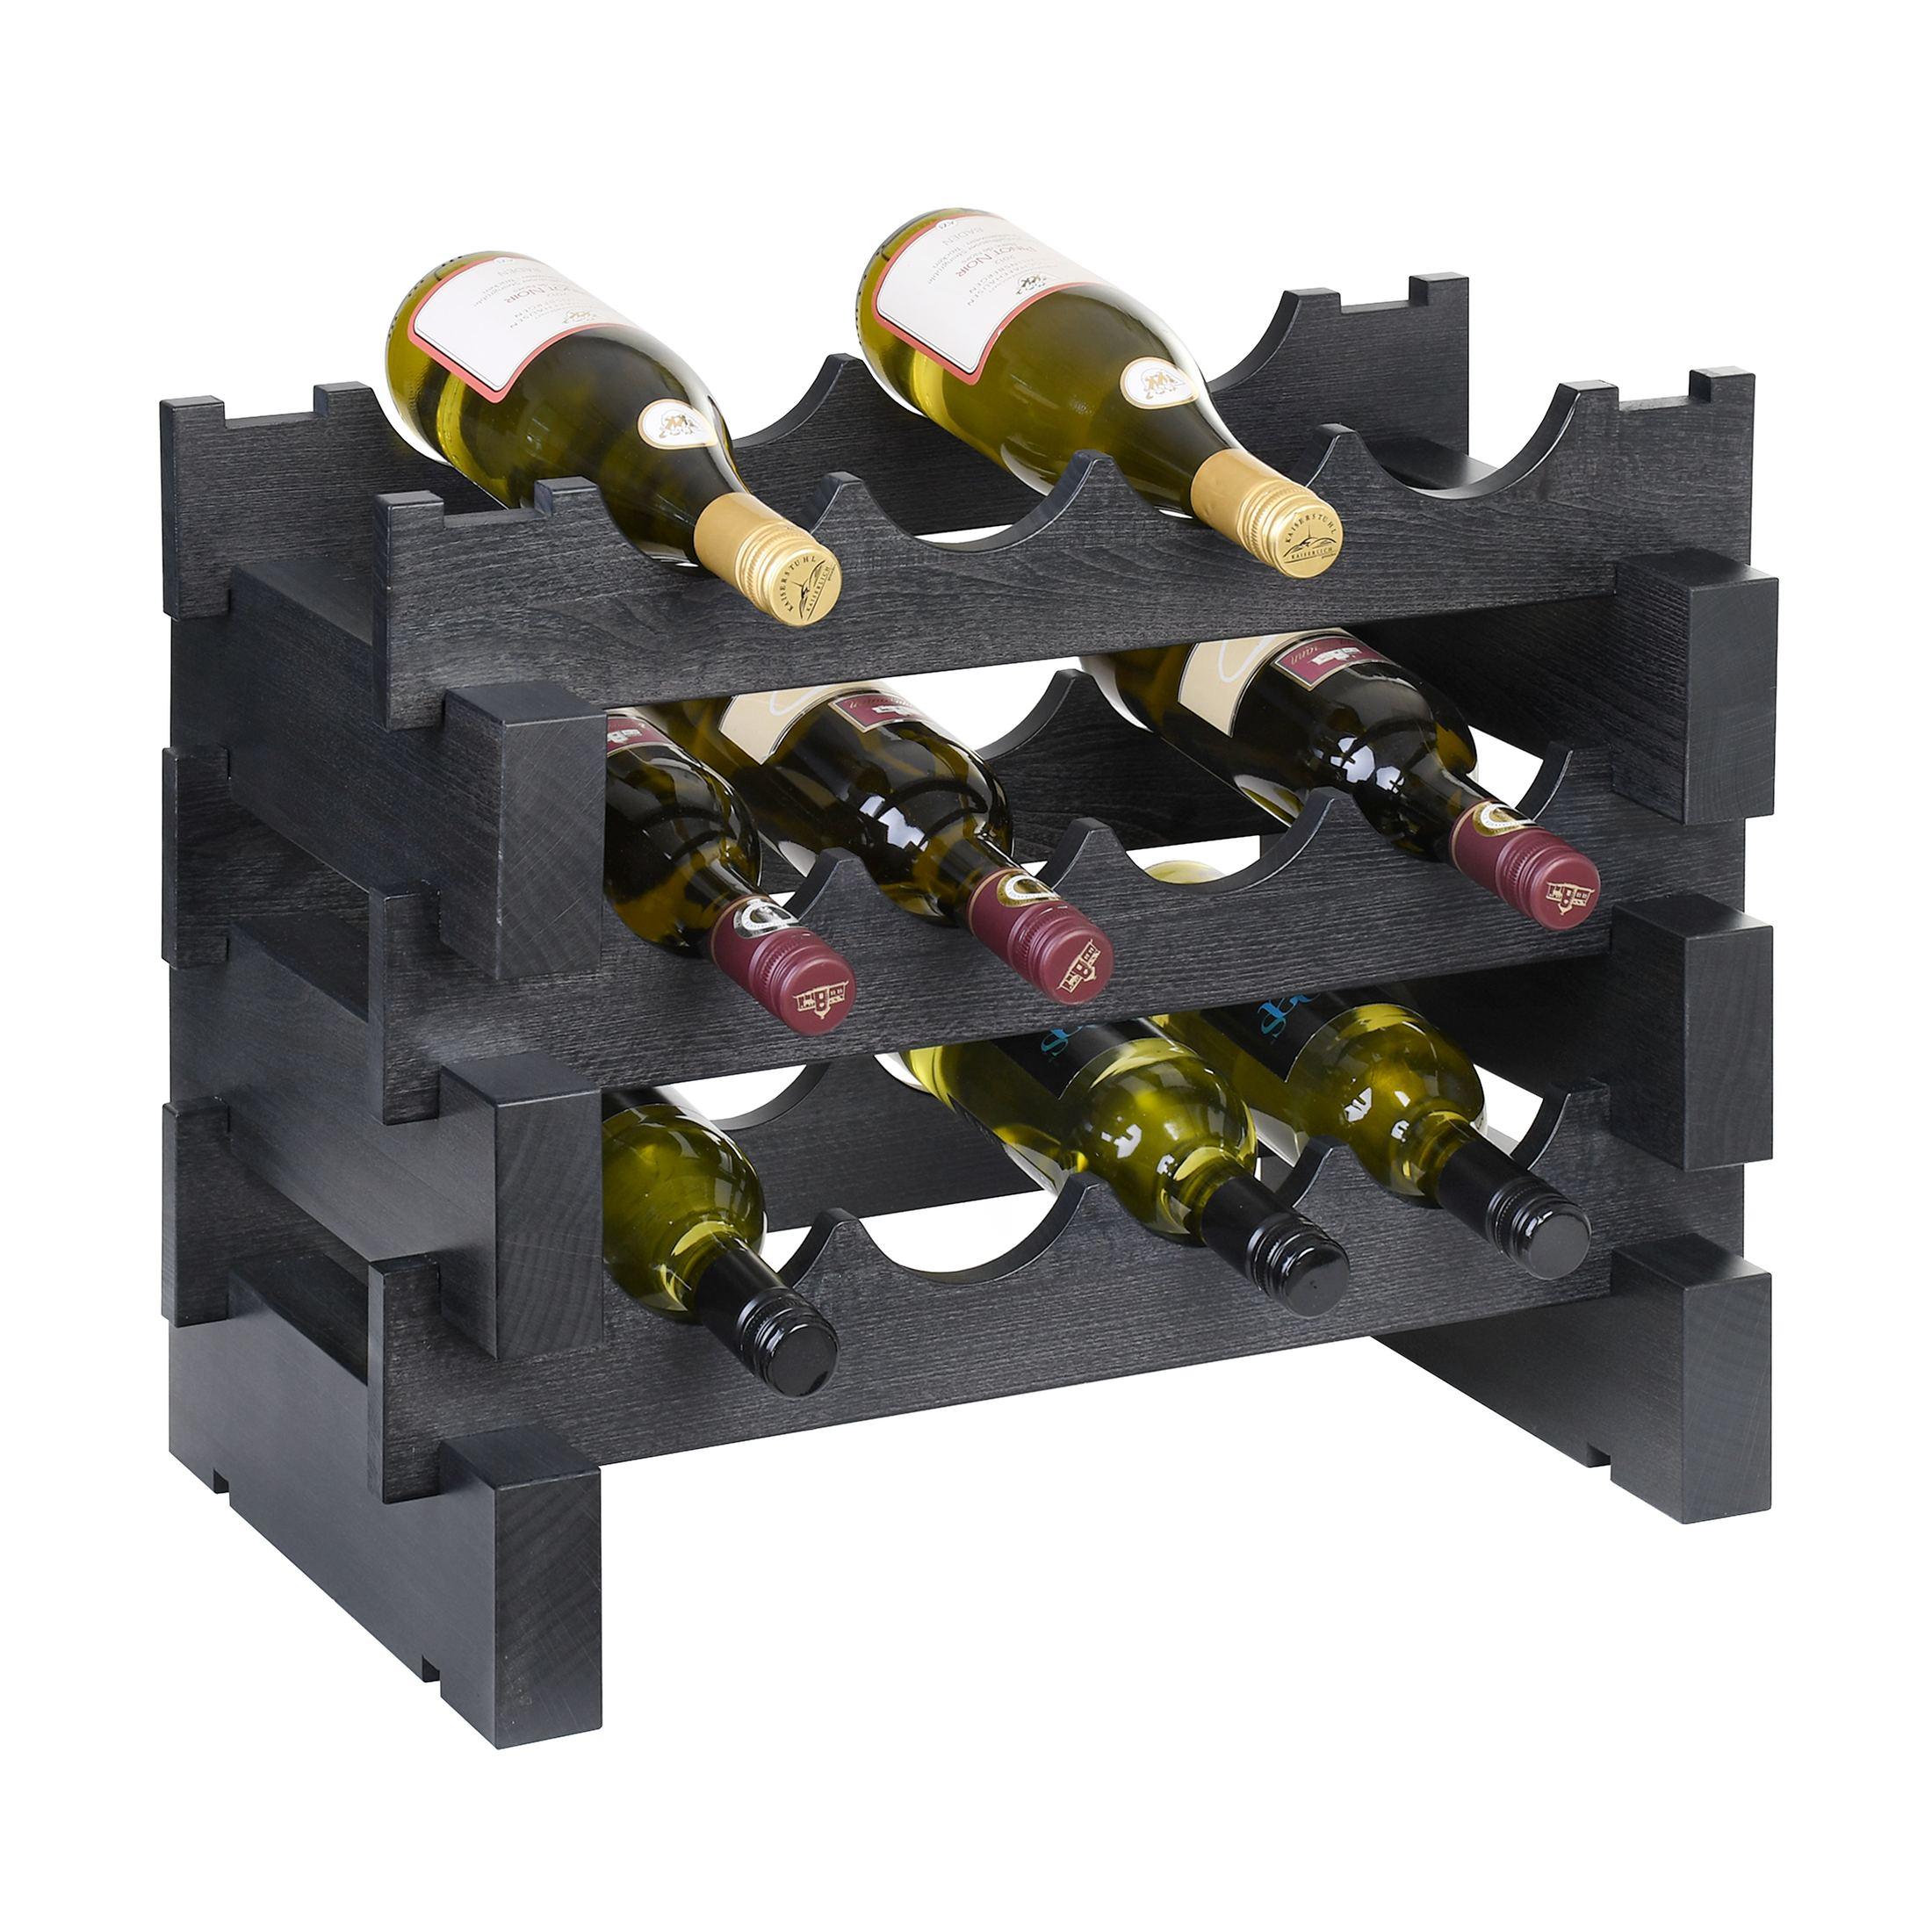 Weinregal-034-034-Casanova-034-034-Holz-Buche-schiefer-stapelbar-erweiterbar